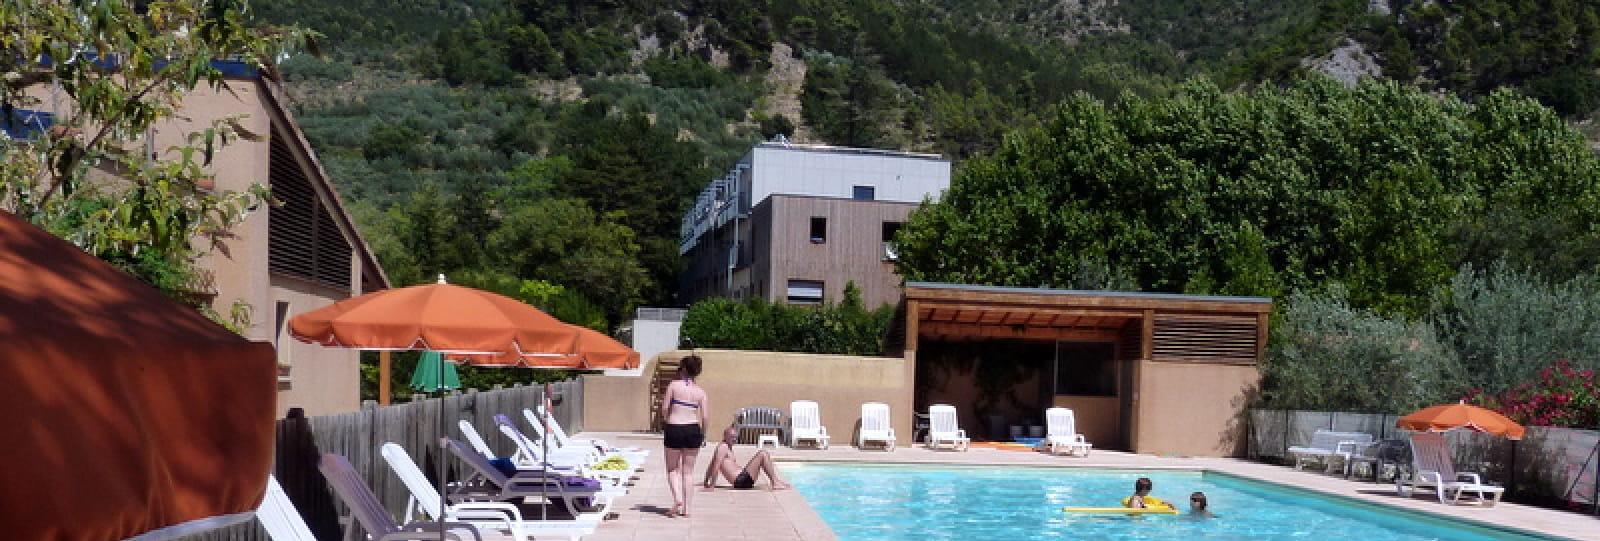 Village de Vacances 3*** La Fontaine d'Annibal